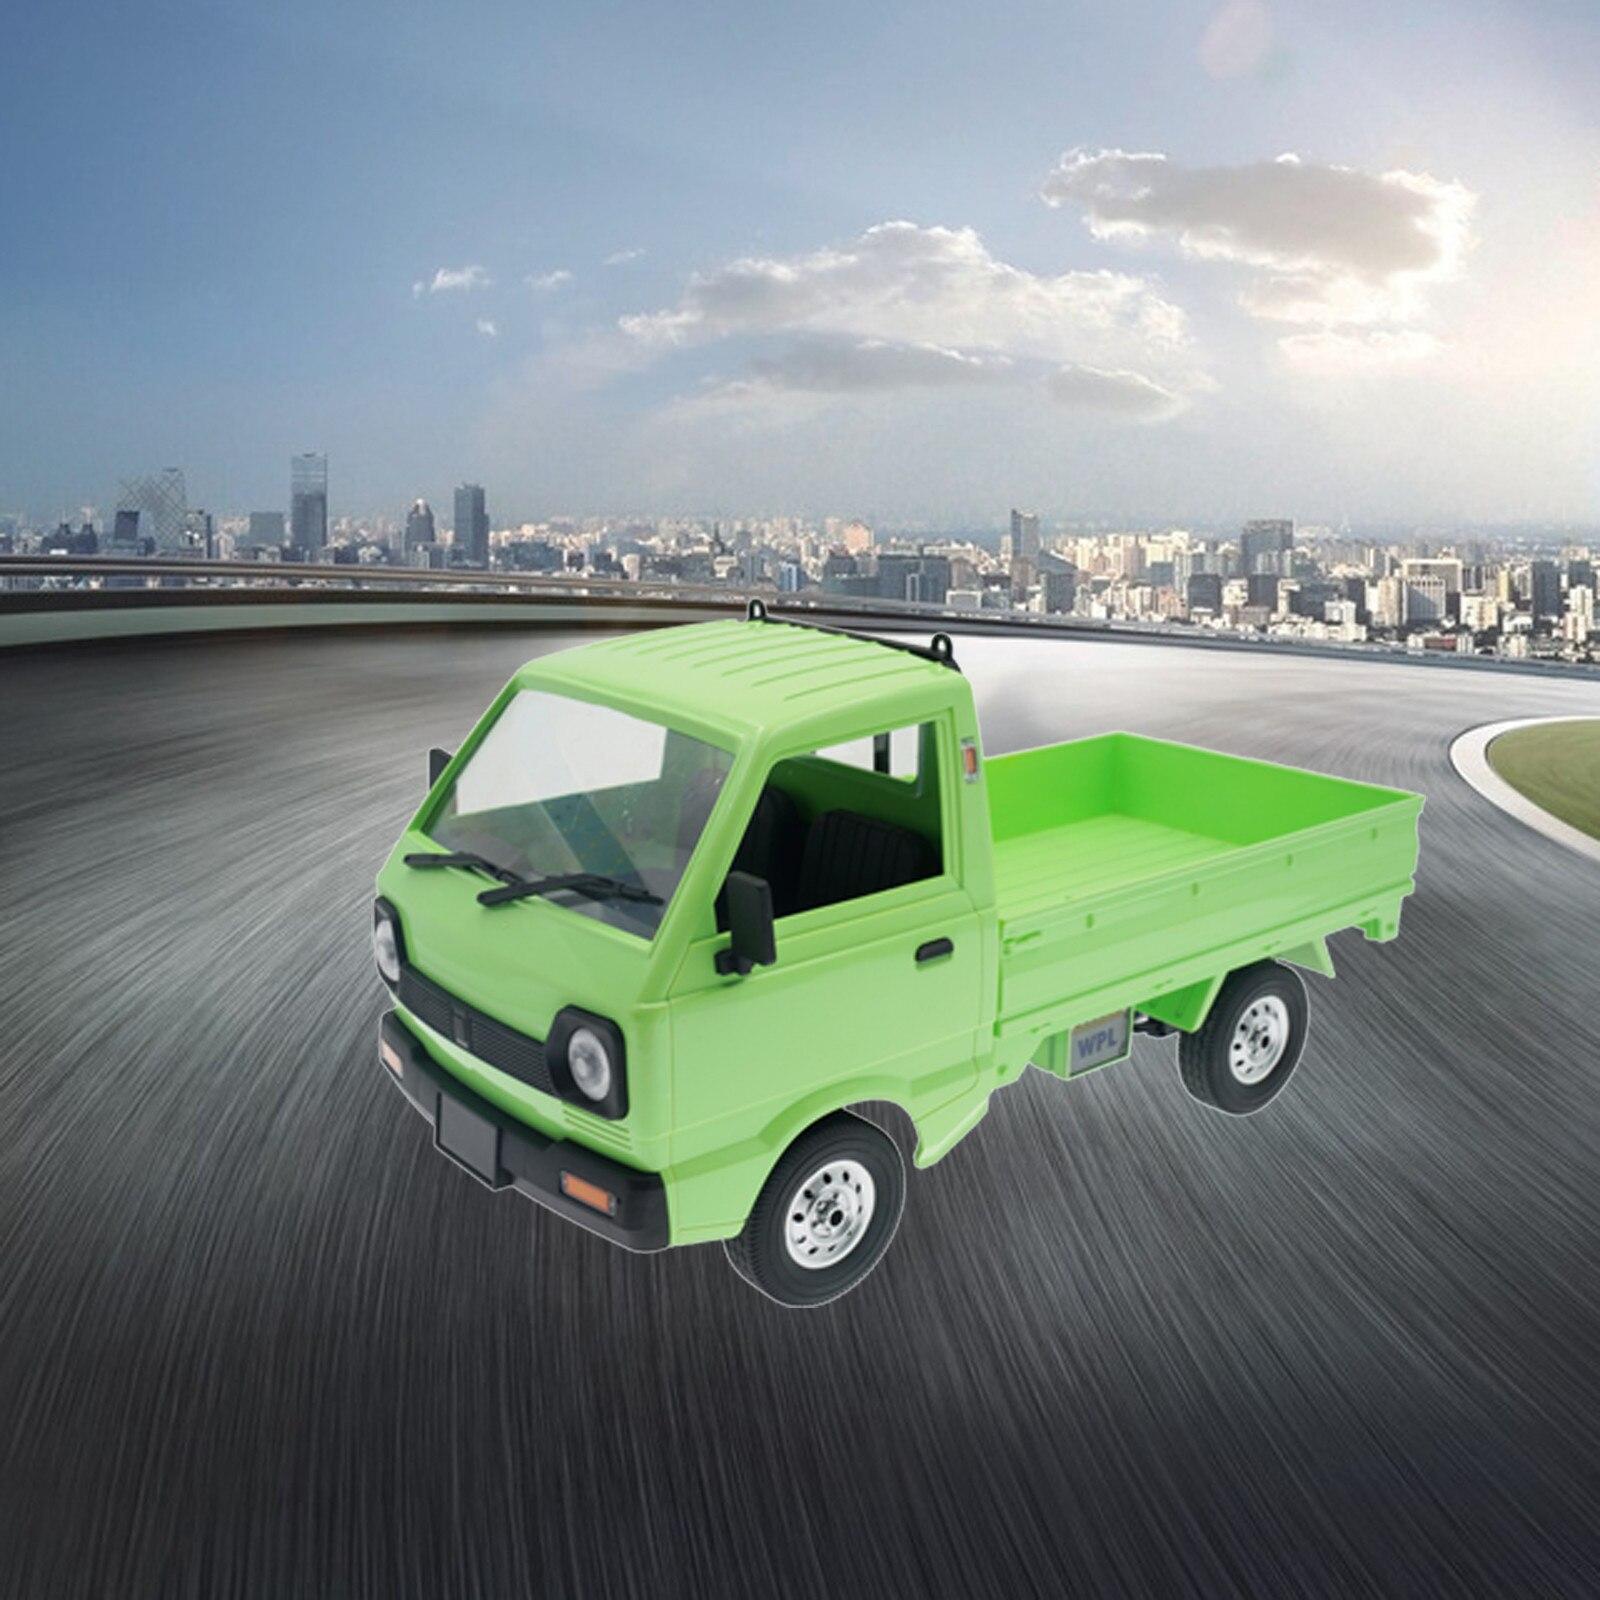 Wpl d12 1/10 rc carro simulação deriva caminhão 260 motor rc carro brinquedo para crianças crianças de controle remoto carro alta qualidade